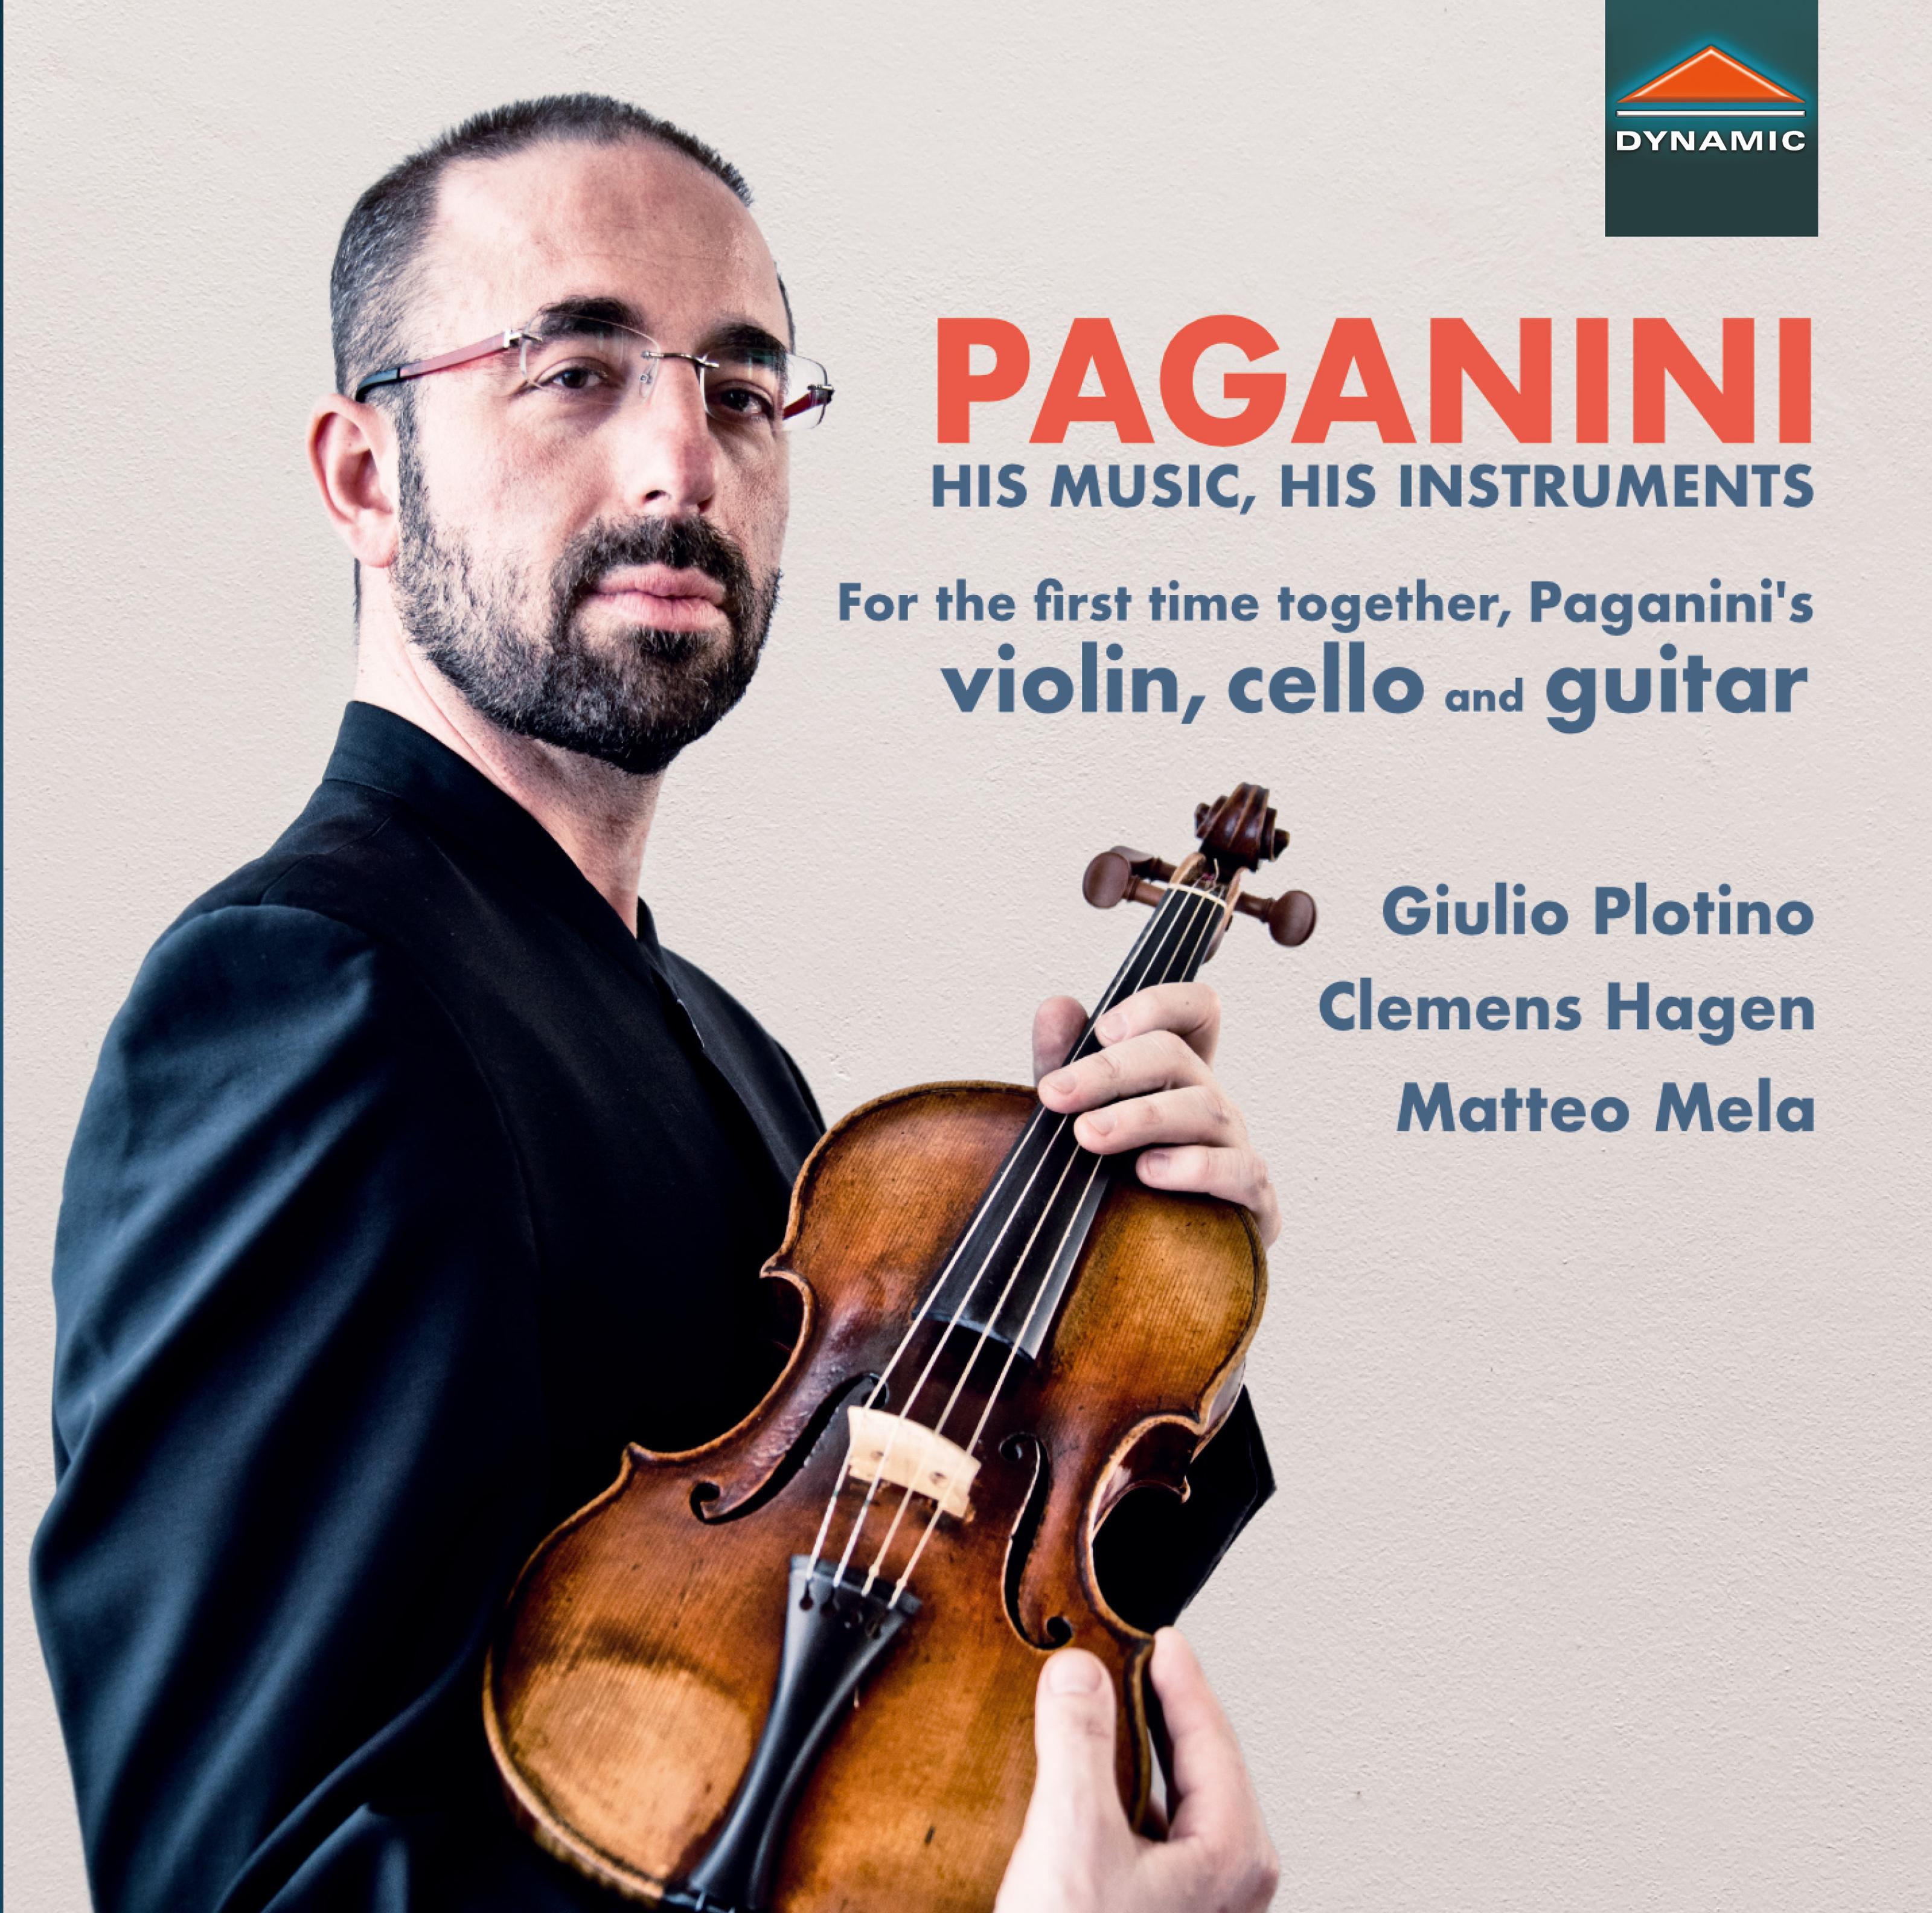 Paganini: His Music, His Instruments